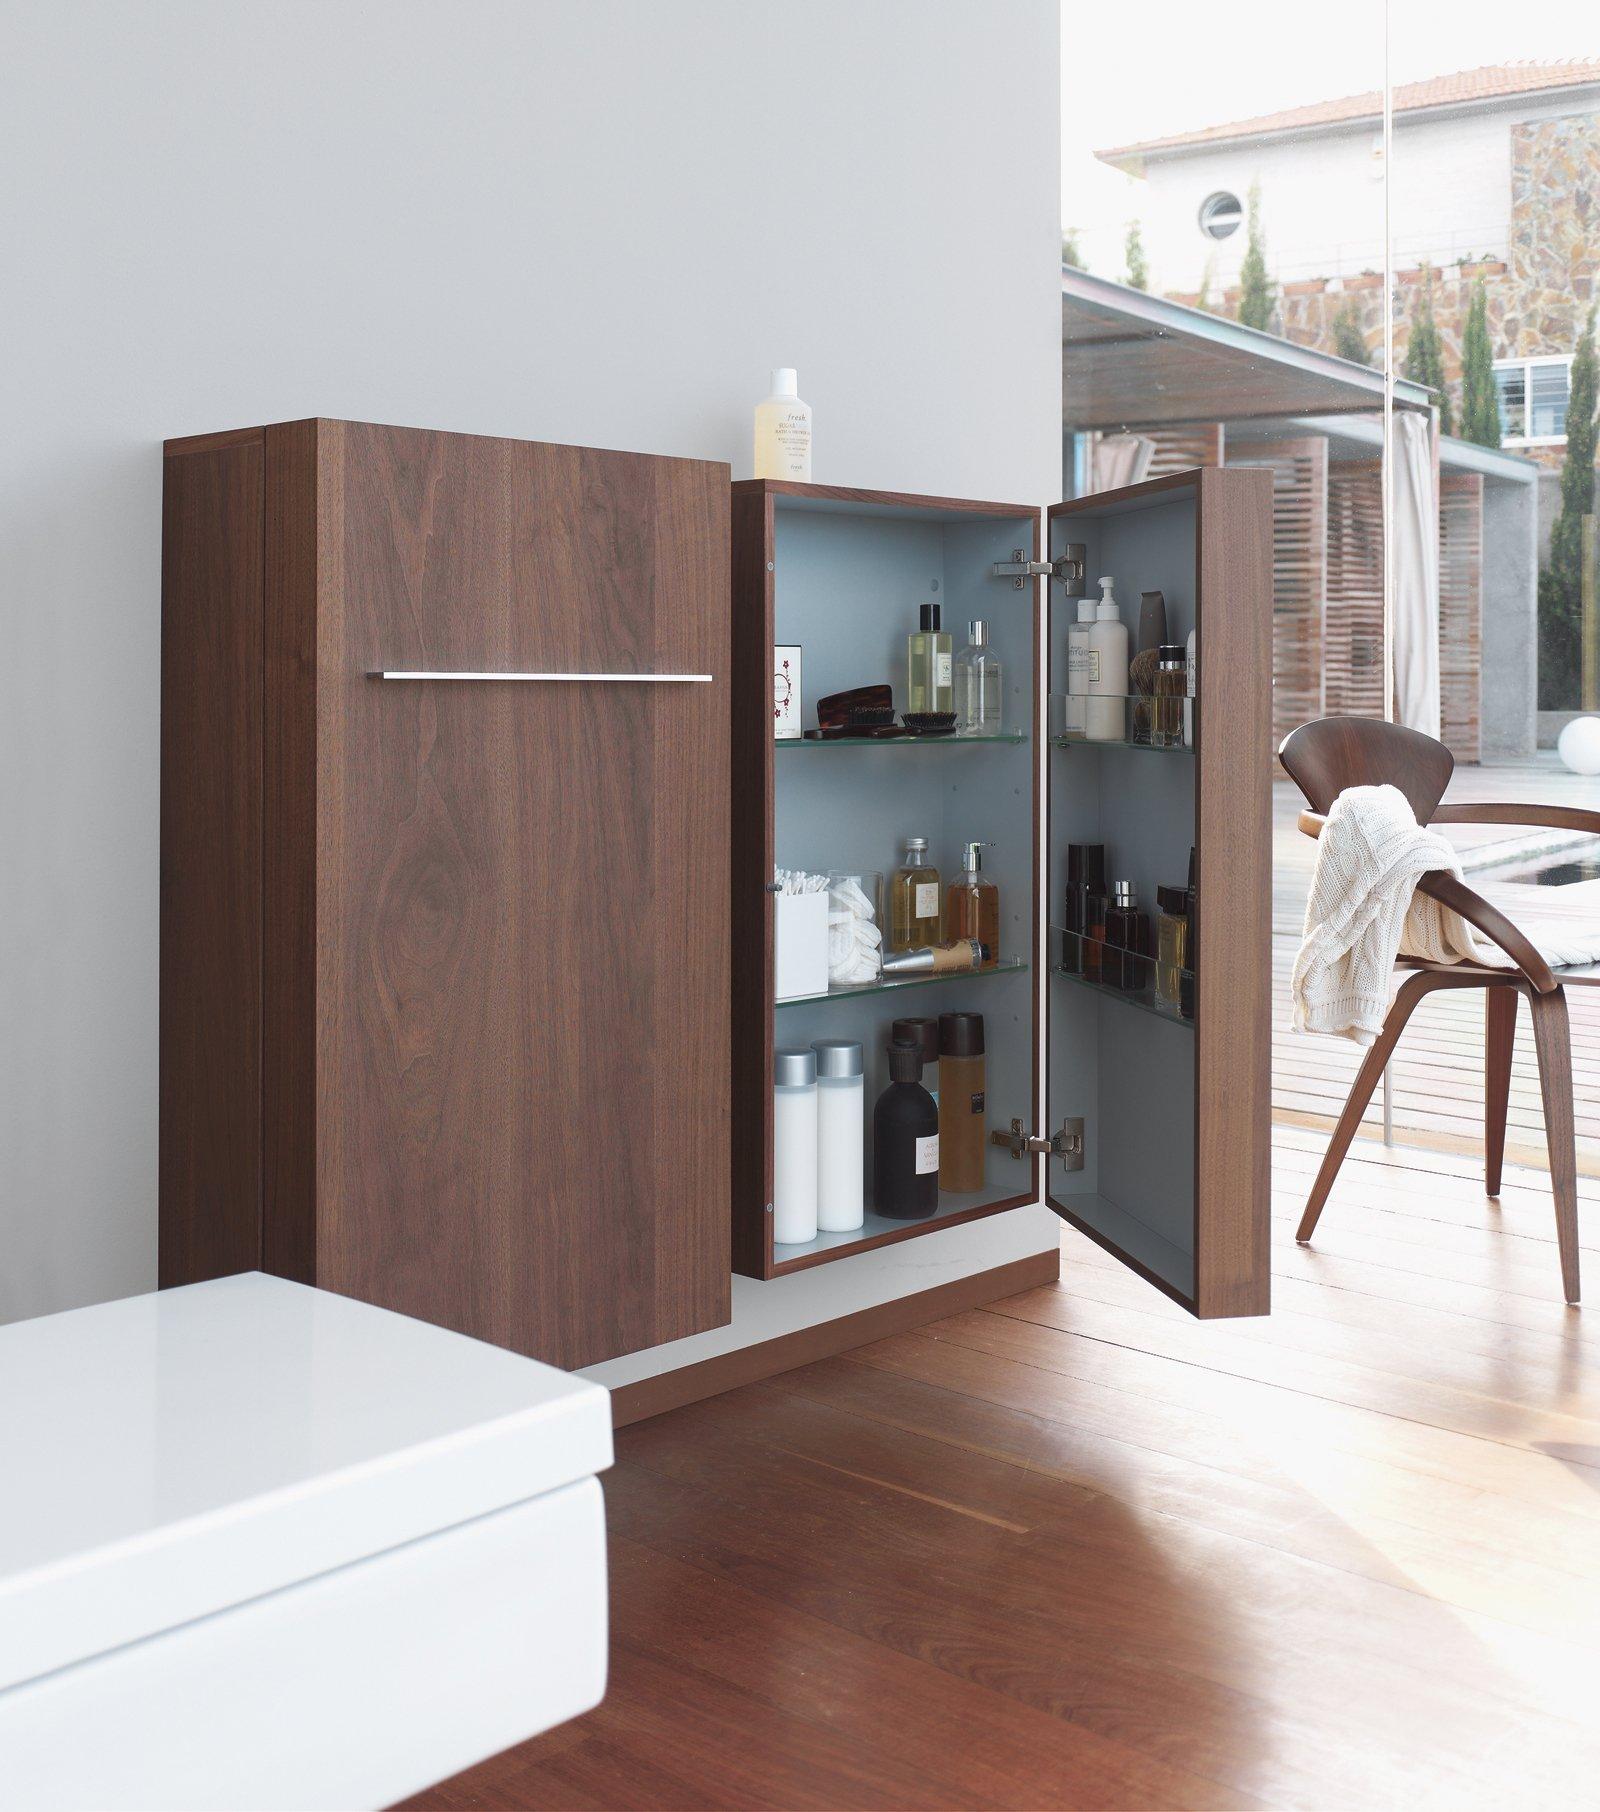 Casabook immobiliare bagno piccolo arredo componibile e - Mobili per bagno piccolo ...